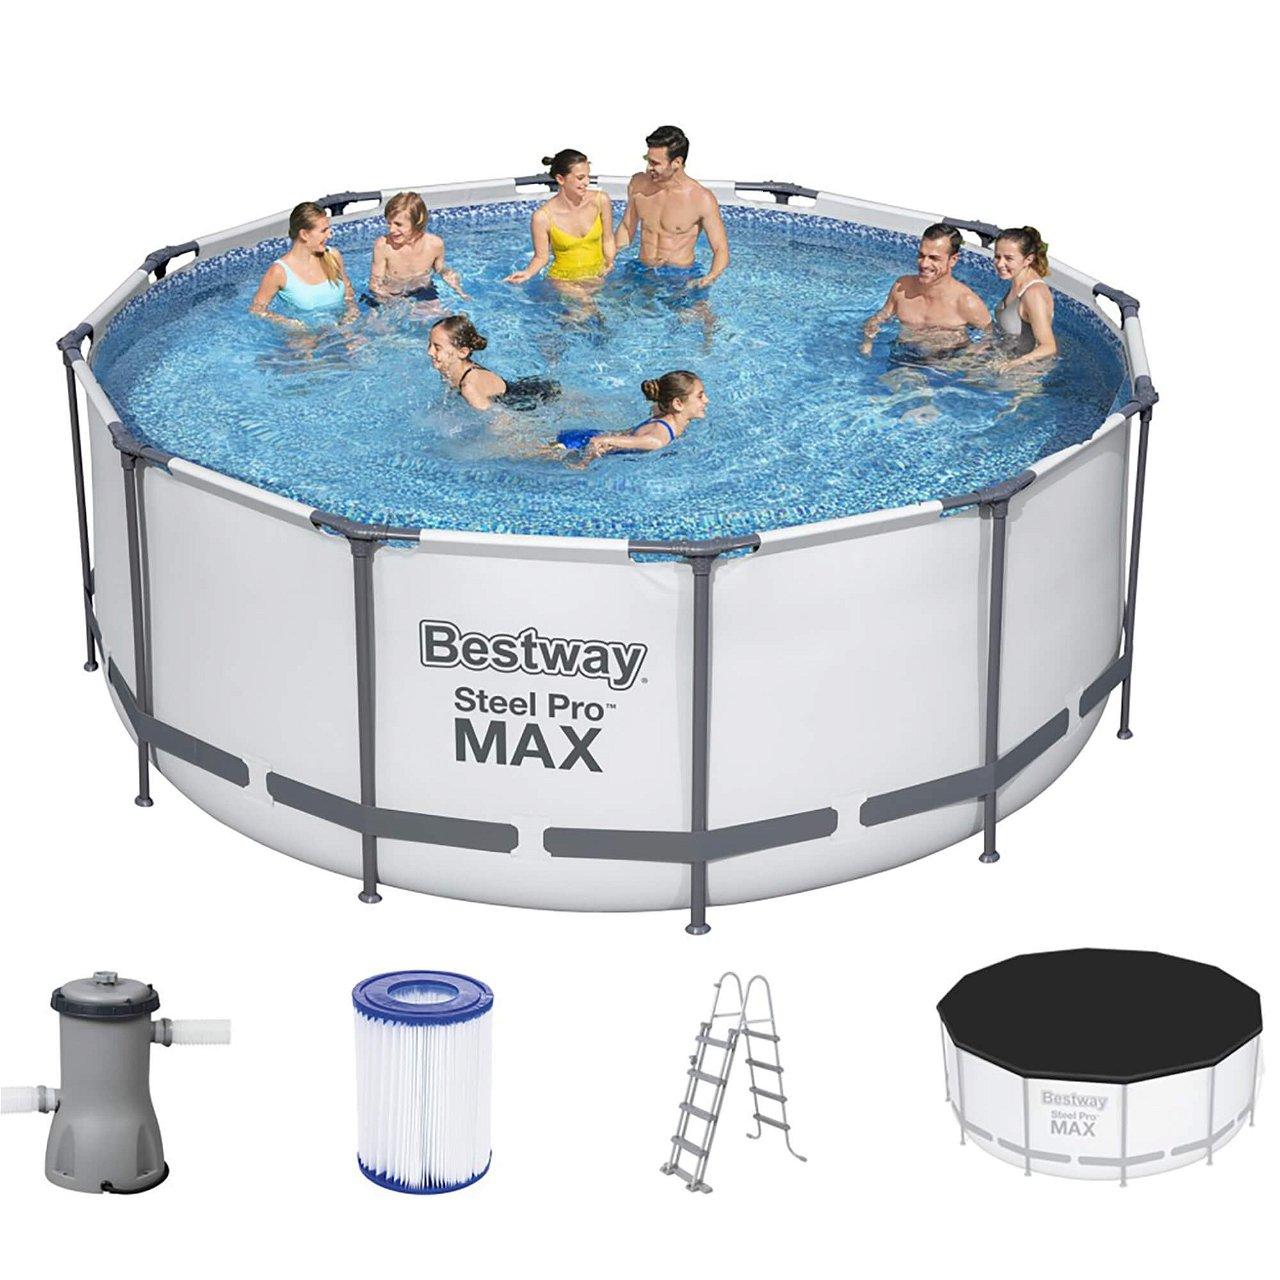 Bestway Frame Pool Steel Pro MAX 366 x 122 cm